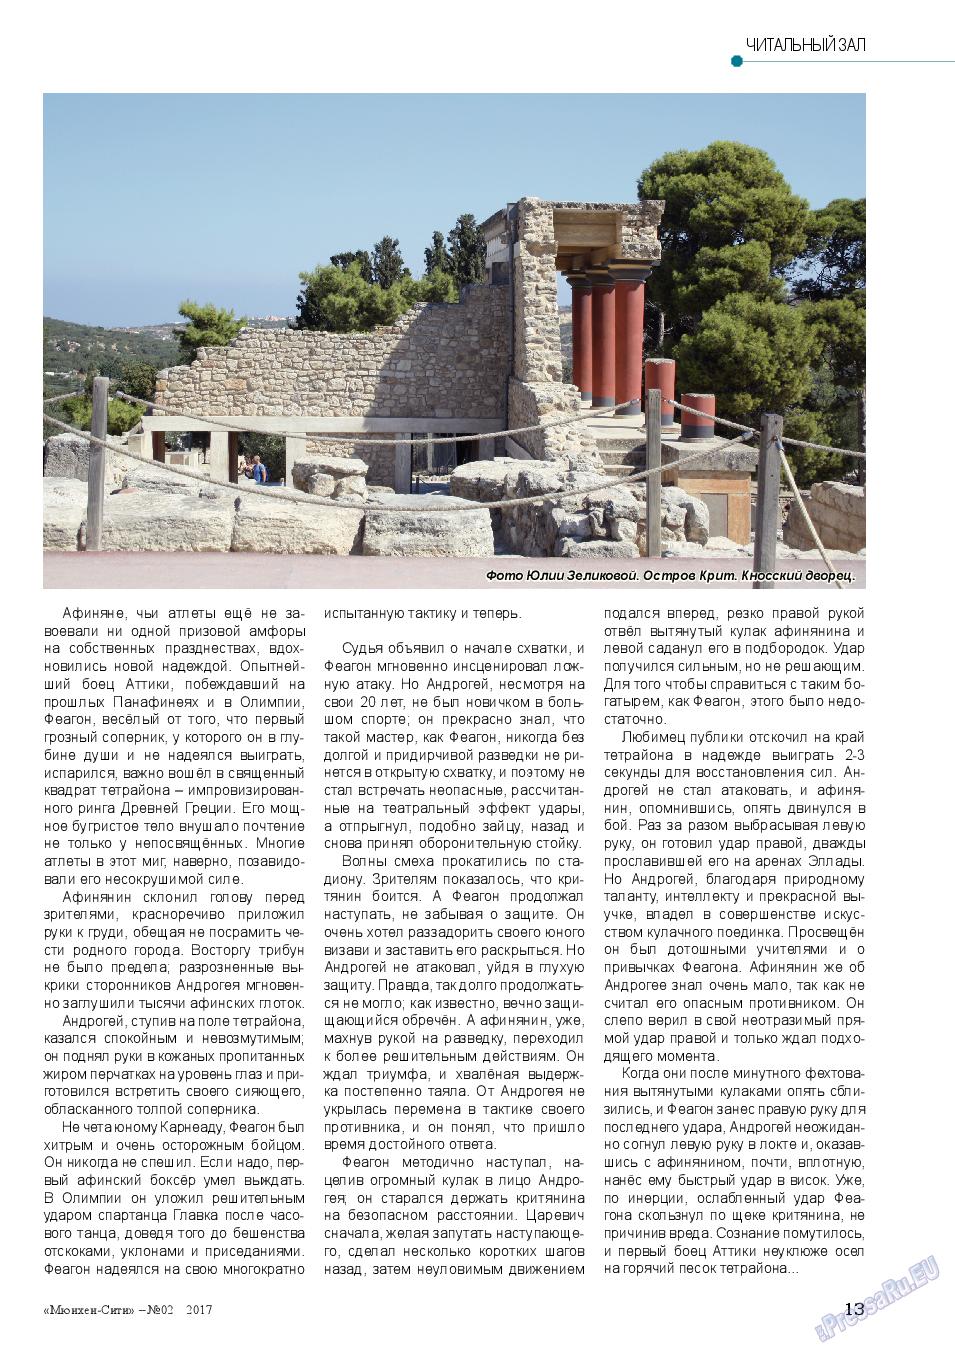 Мюнхен-сити (журнал). 2017 год, номер 2, стр. 13